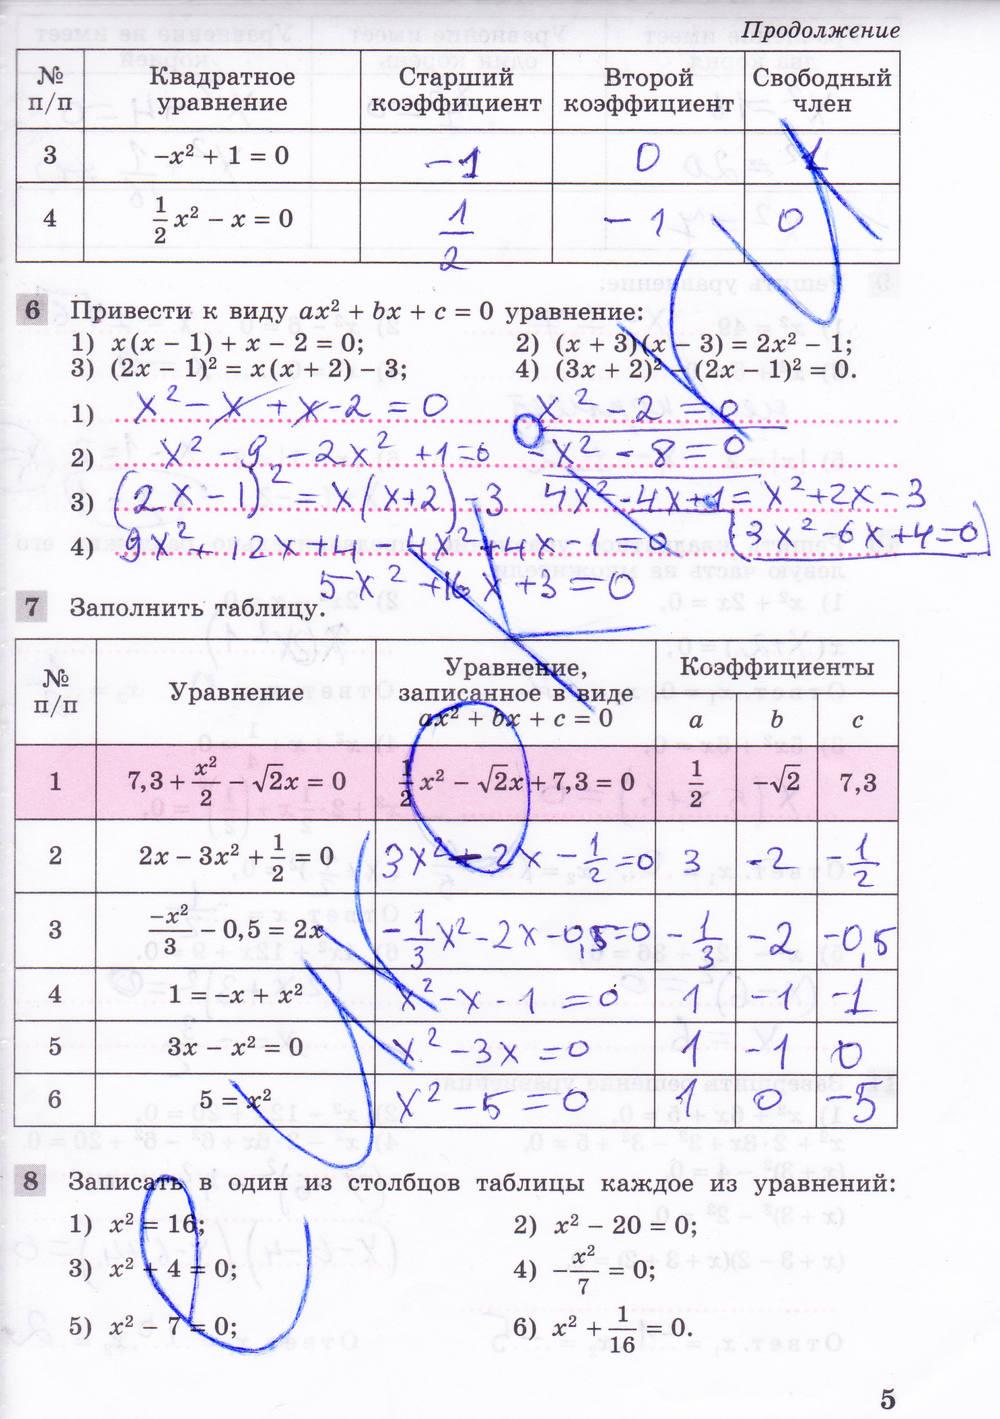 готовые домашние задания по алгебре 7 класс колягин ткачев федорова шабунин